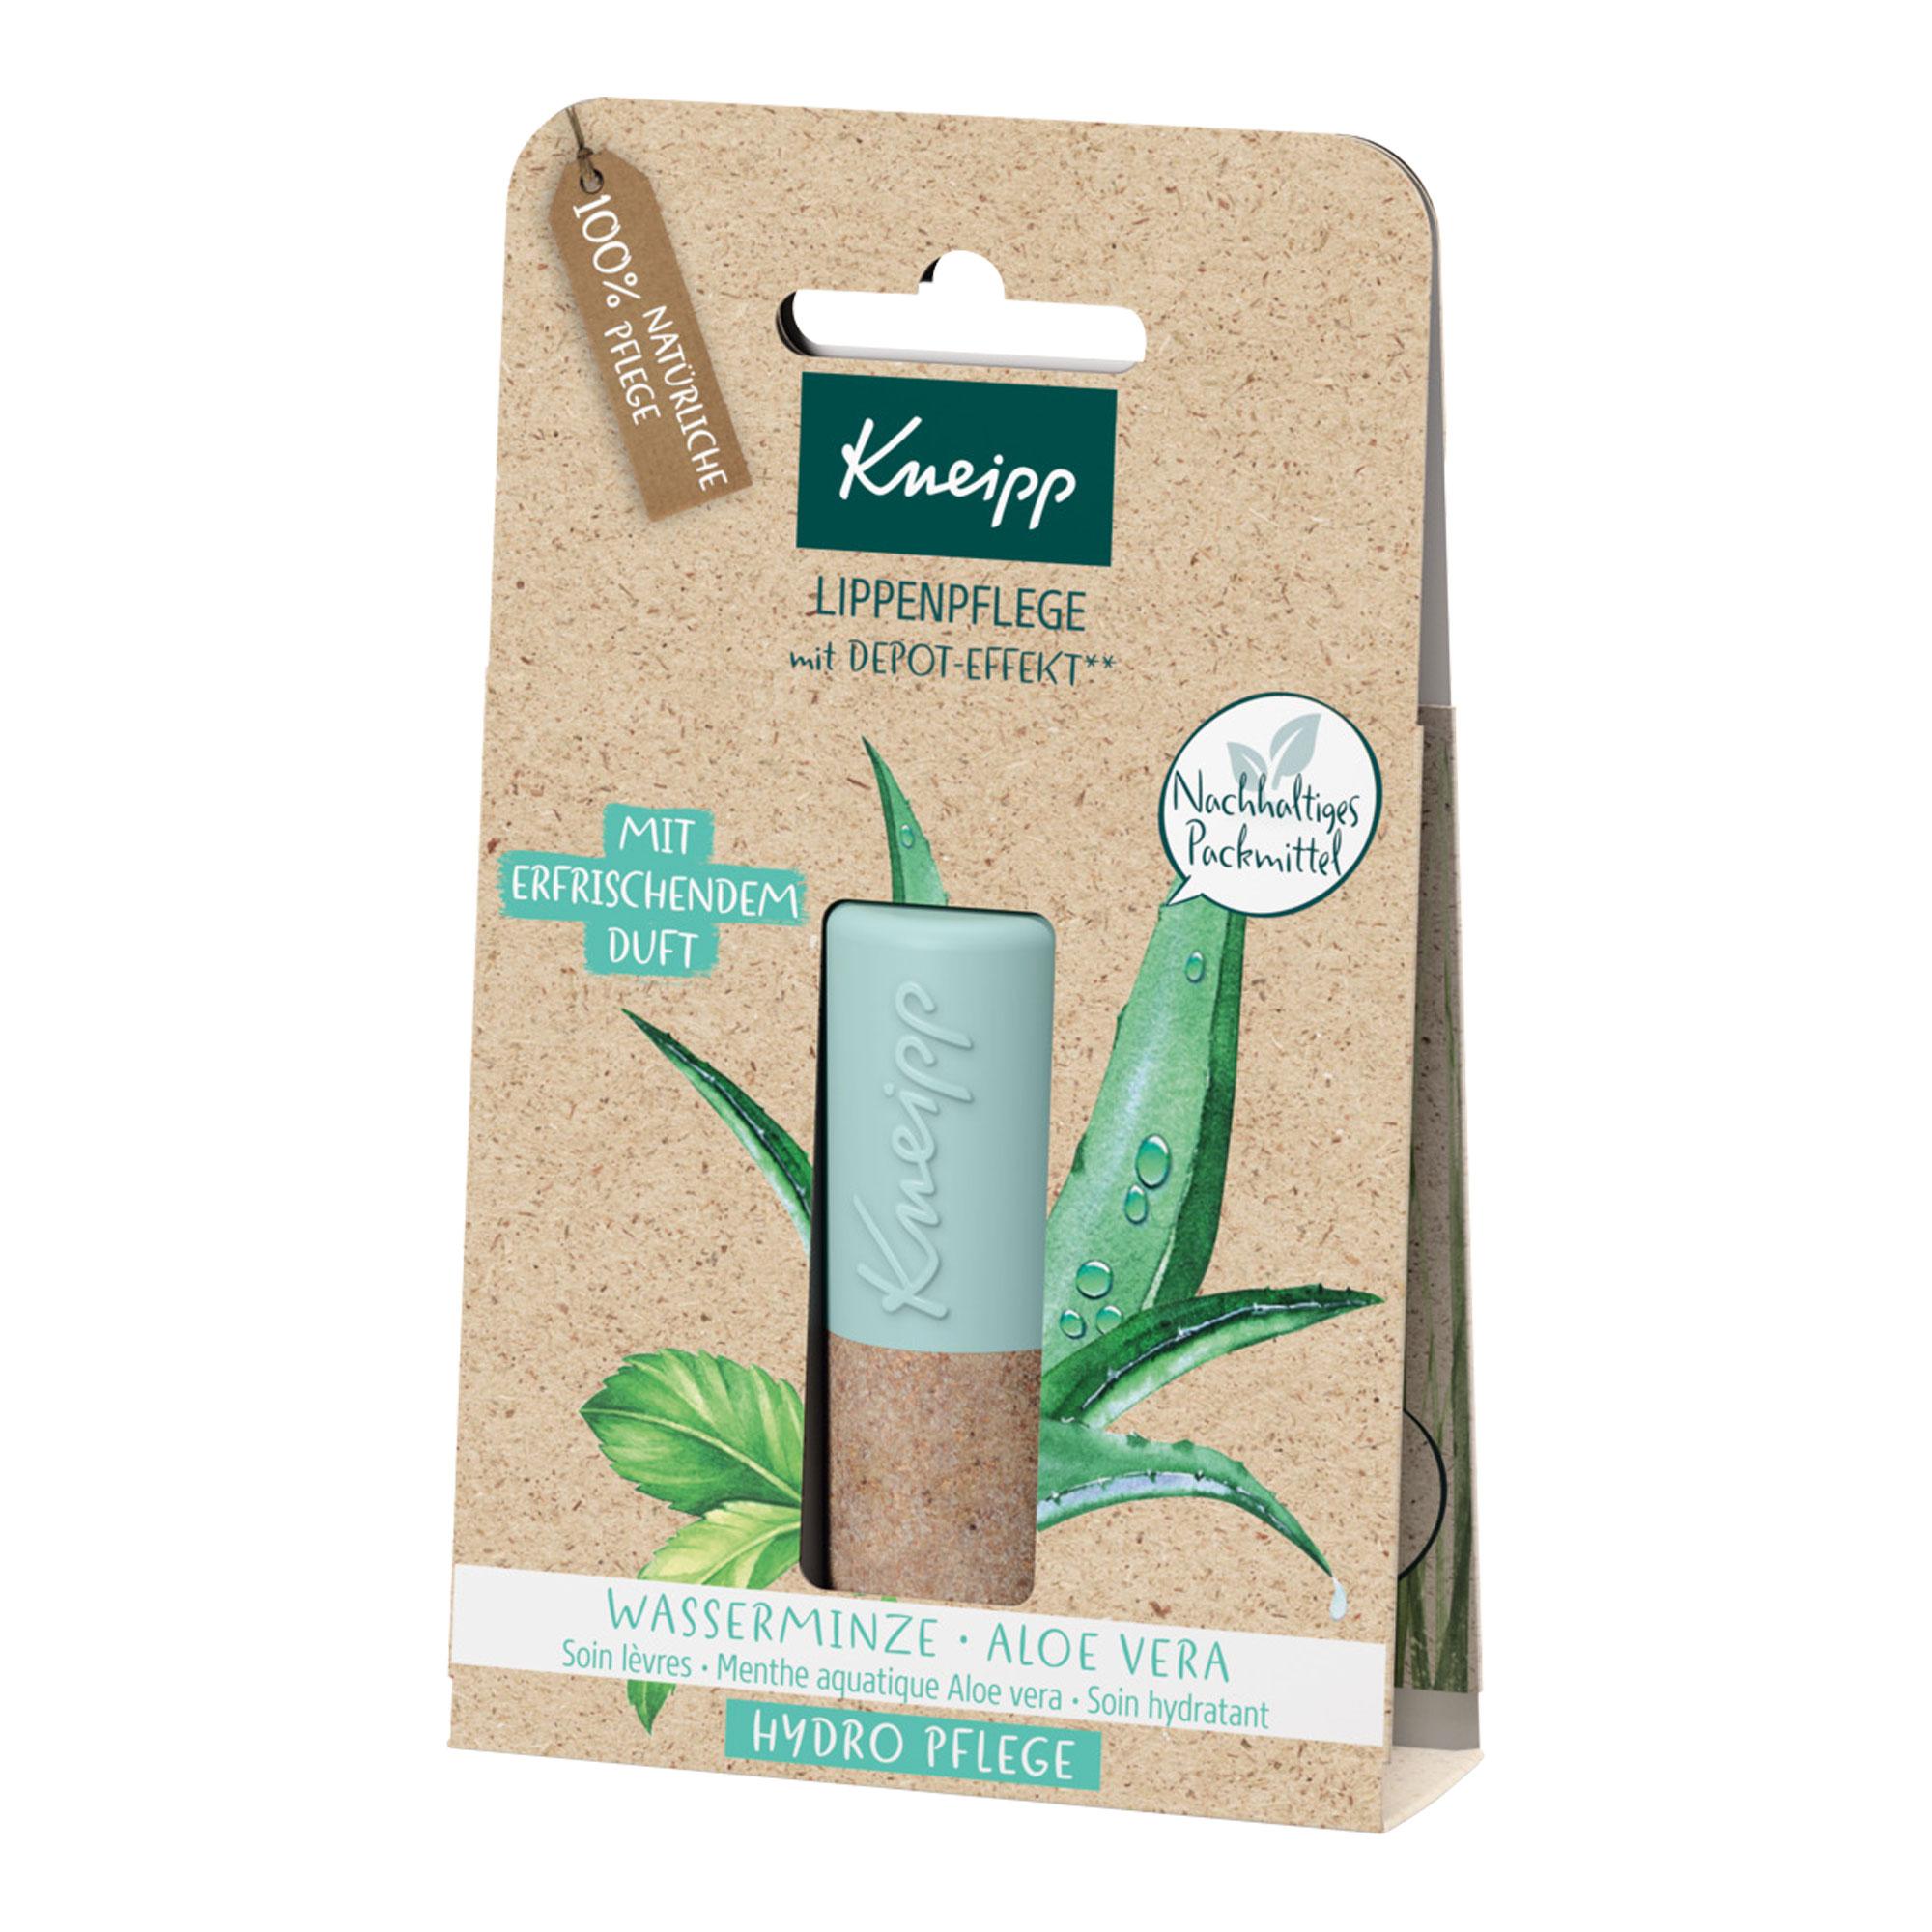 Kneipp Lippenpflege Hydro Wasserminze/Aloe Vera